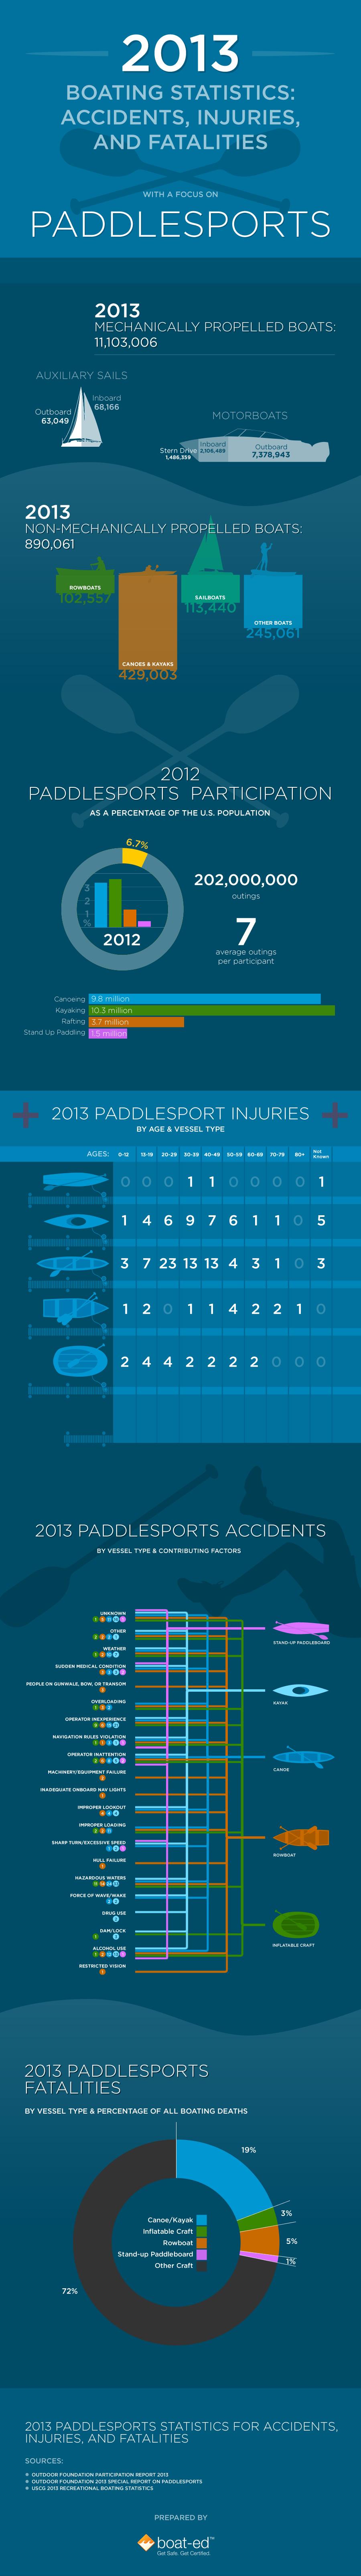 paddlesportsinjury2013smFINAL